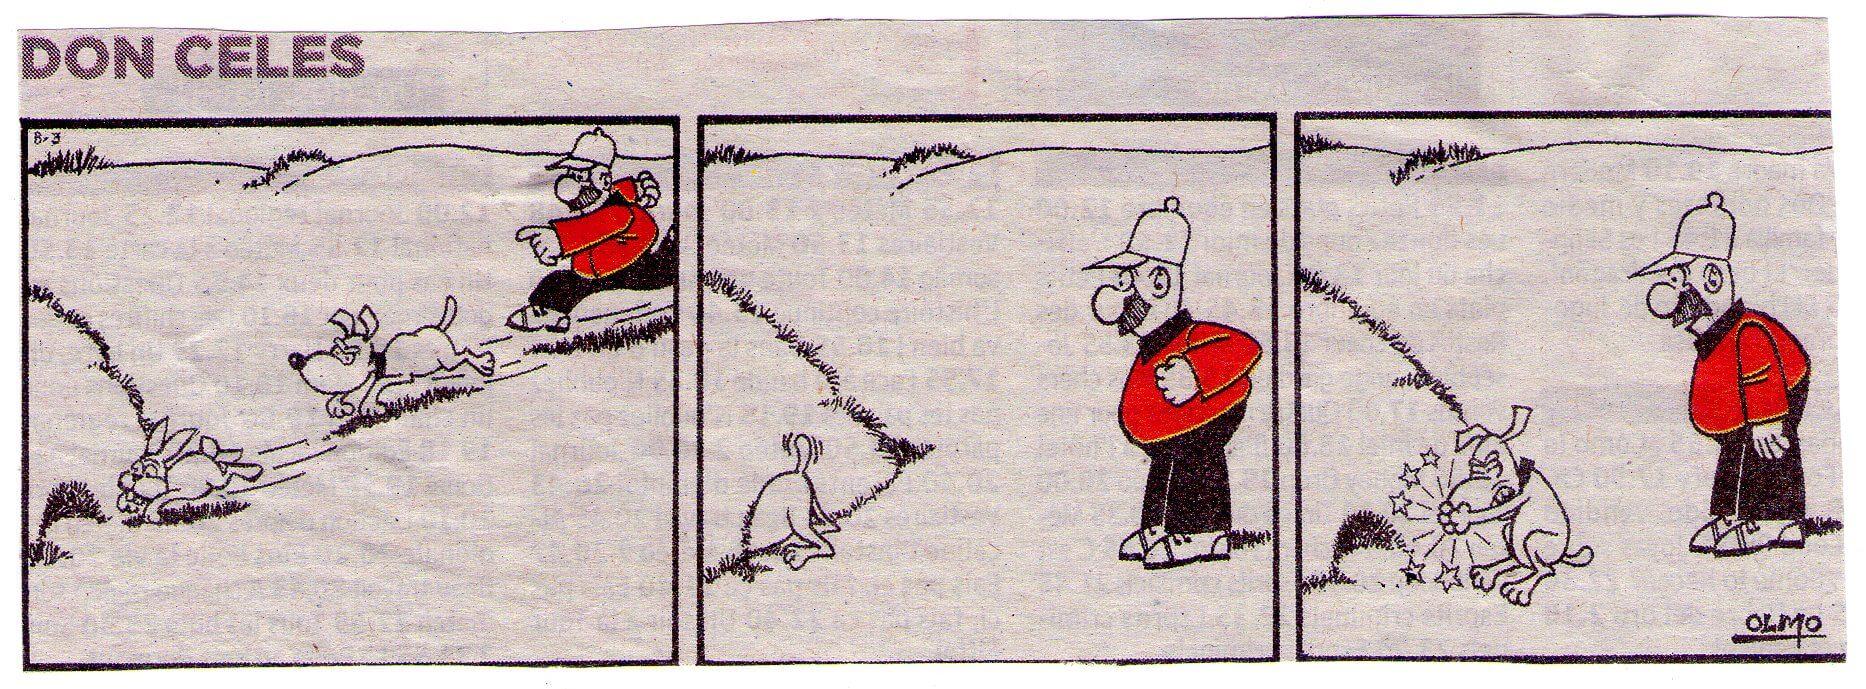 Don Celes, su perro y un conejo